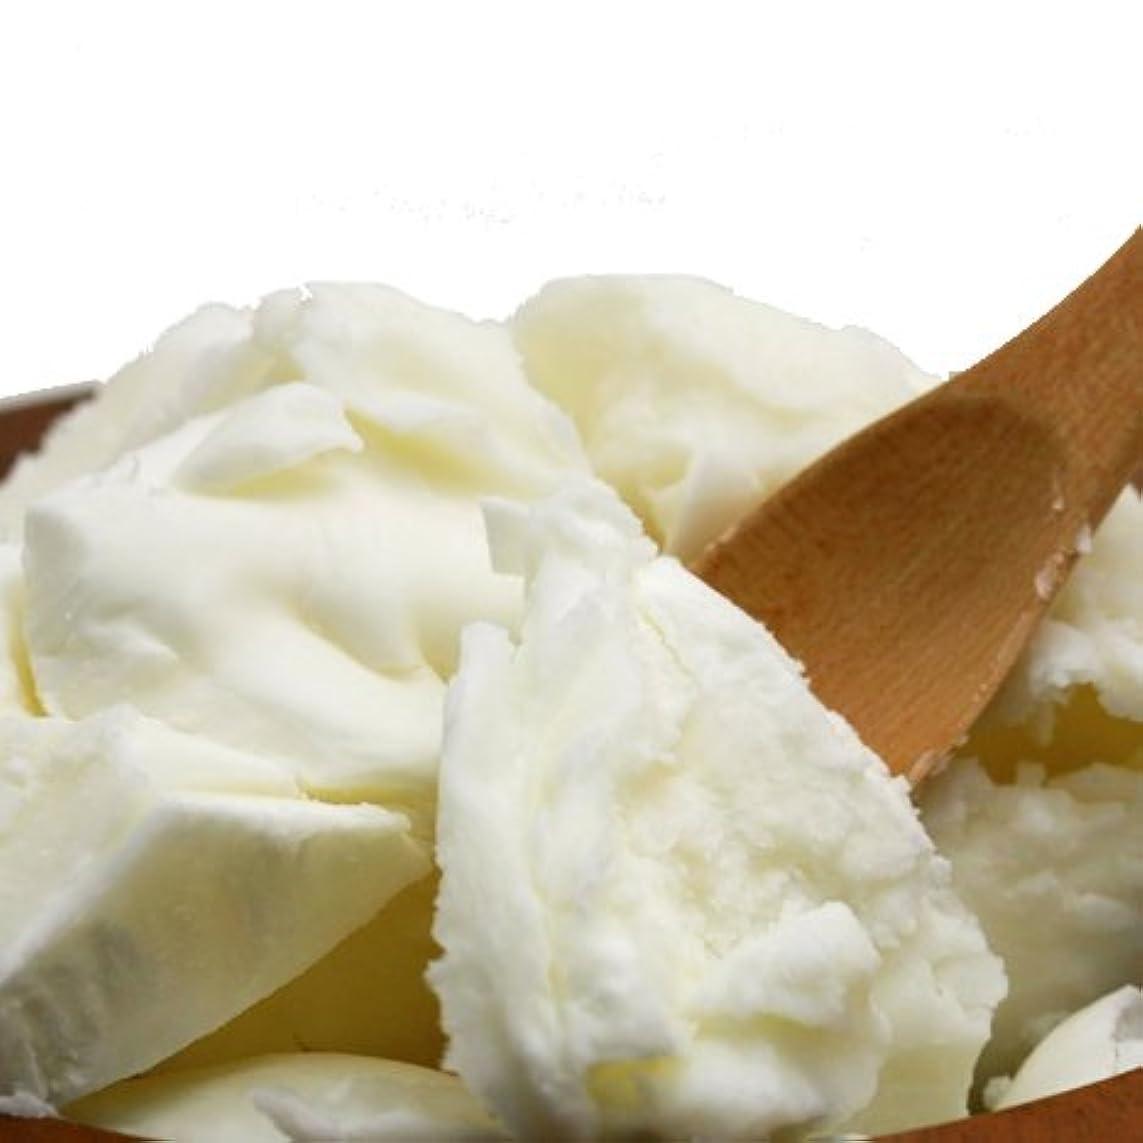 養う上げるスムーズにオーガニック 精製シアバター 100g シア脂 【手作り石鹸/手作りコスメ/手作り化粧品】